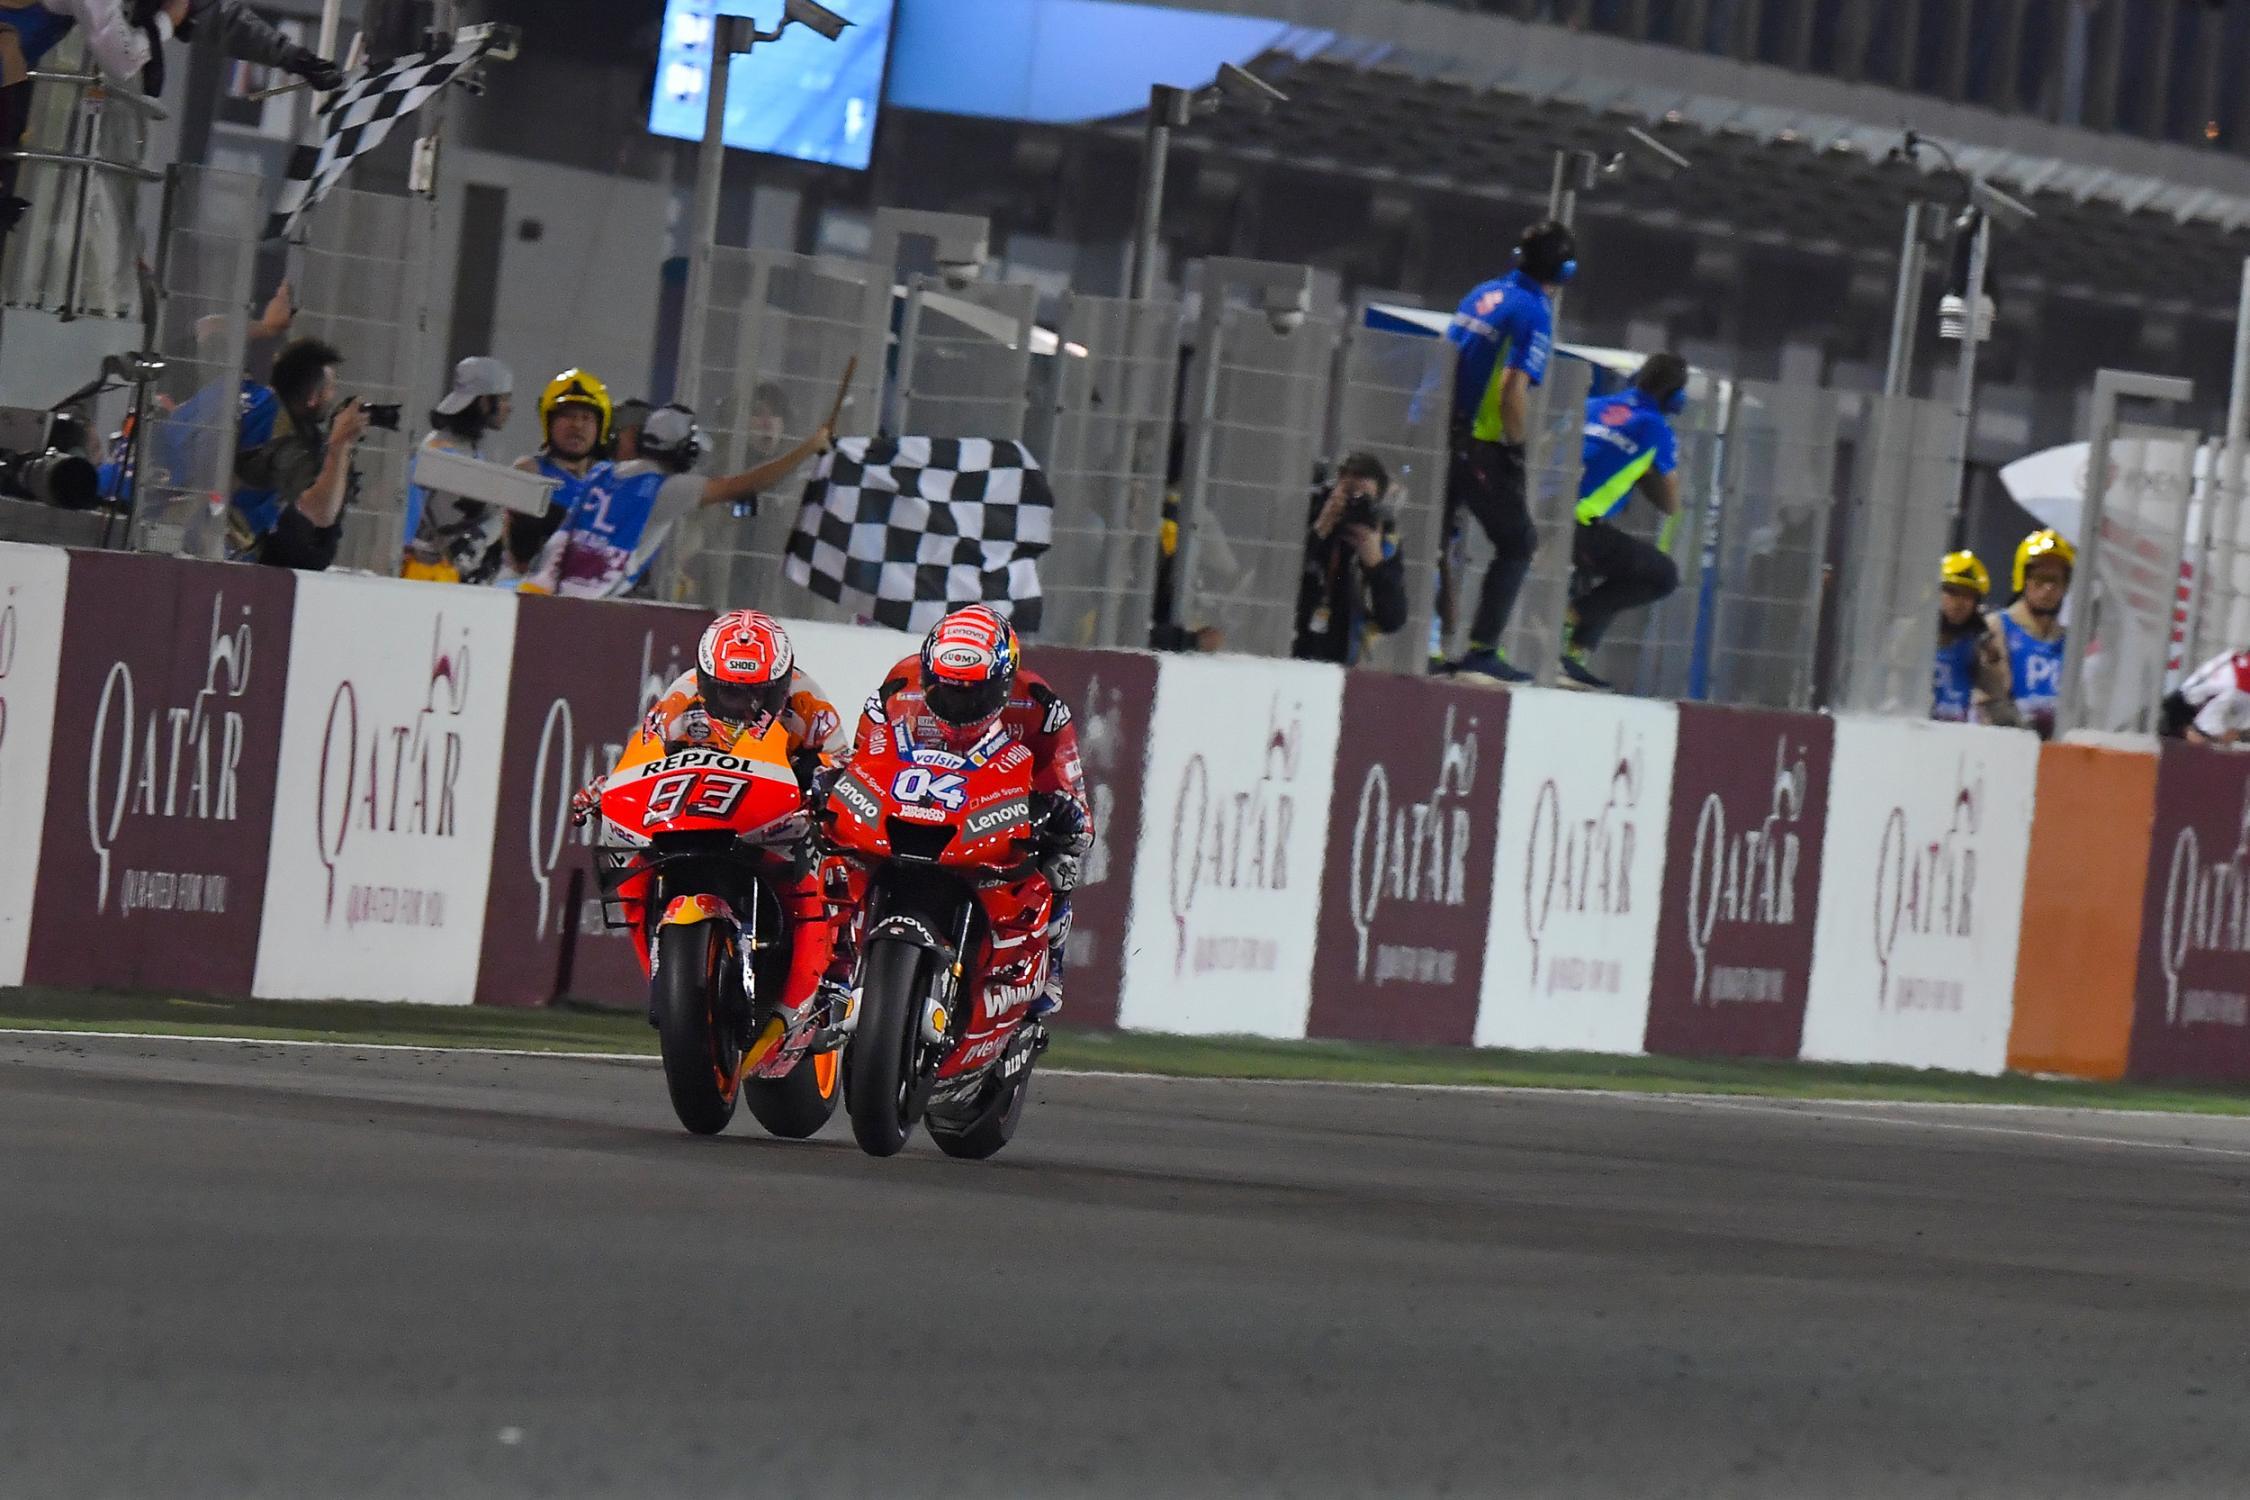 Le bar de la compétition moto ! - Page 38 5ng_9264.gallery_full_top_fullscreen